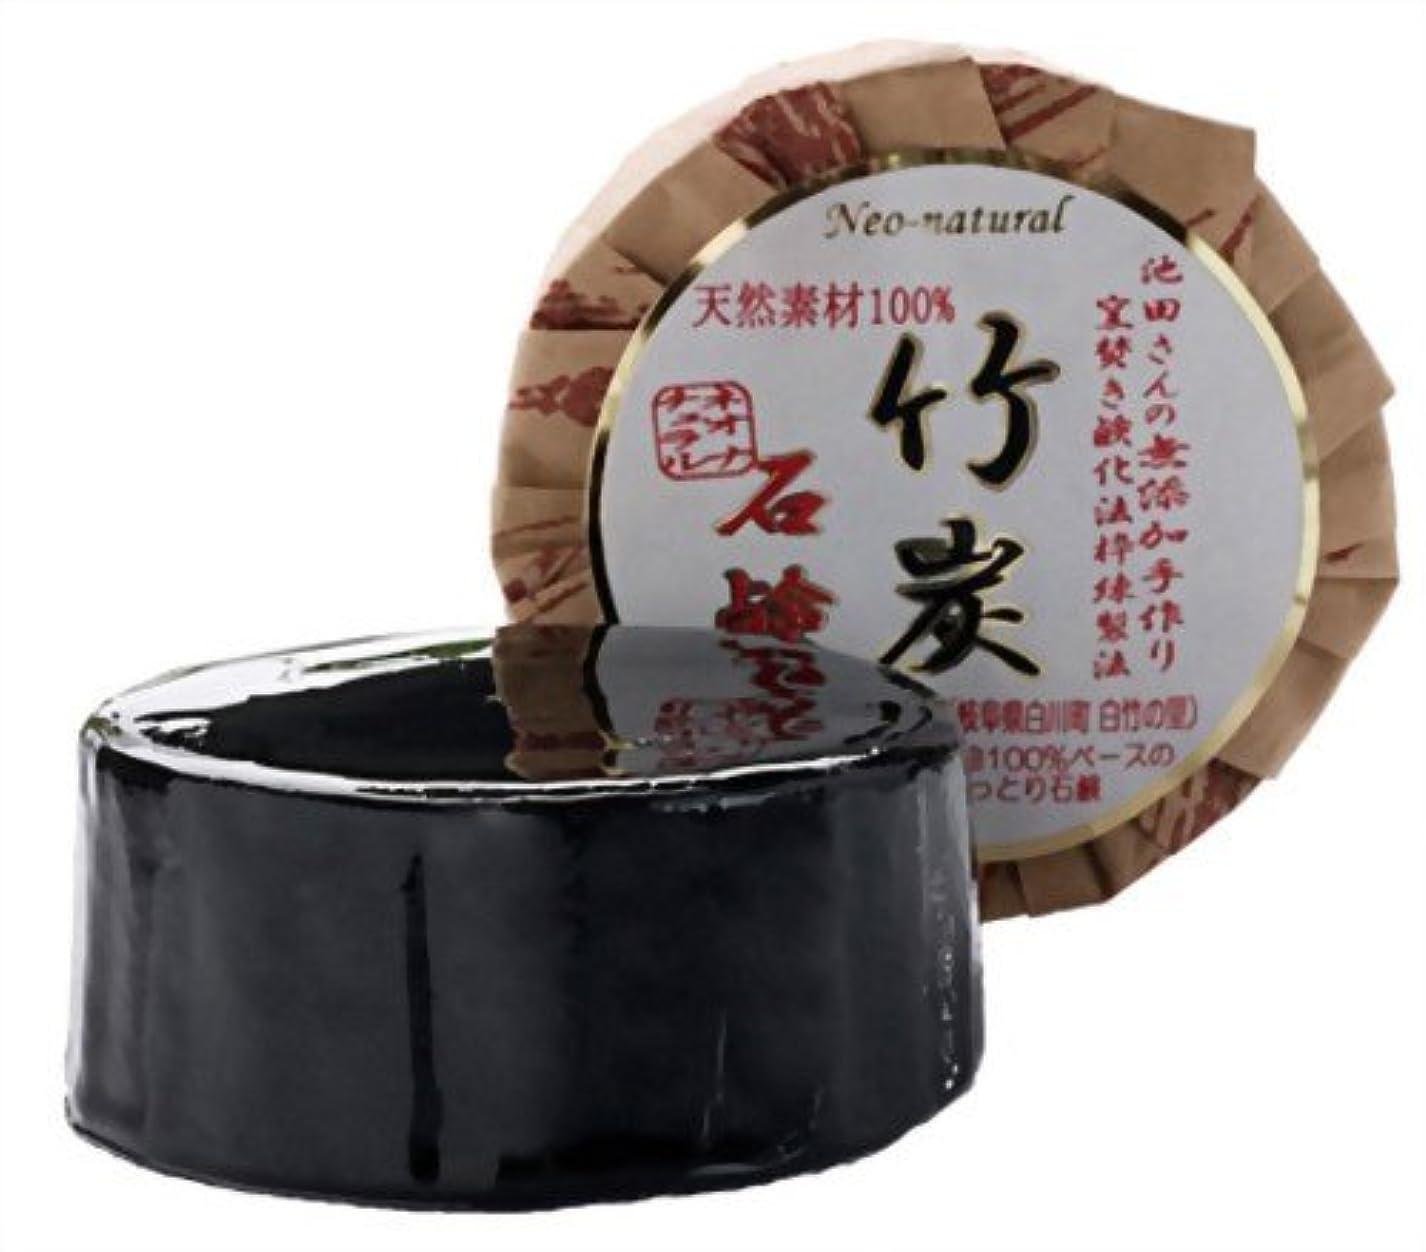 事故排泄物薬剤師ネオナチュラル 池田さんの竹炭石鹸 105g